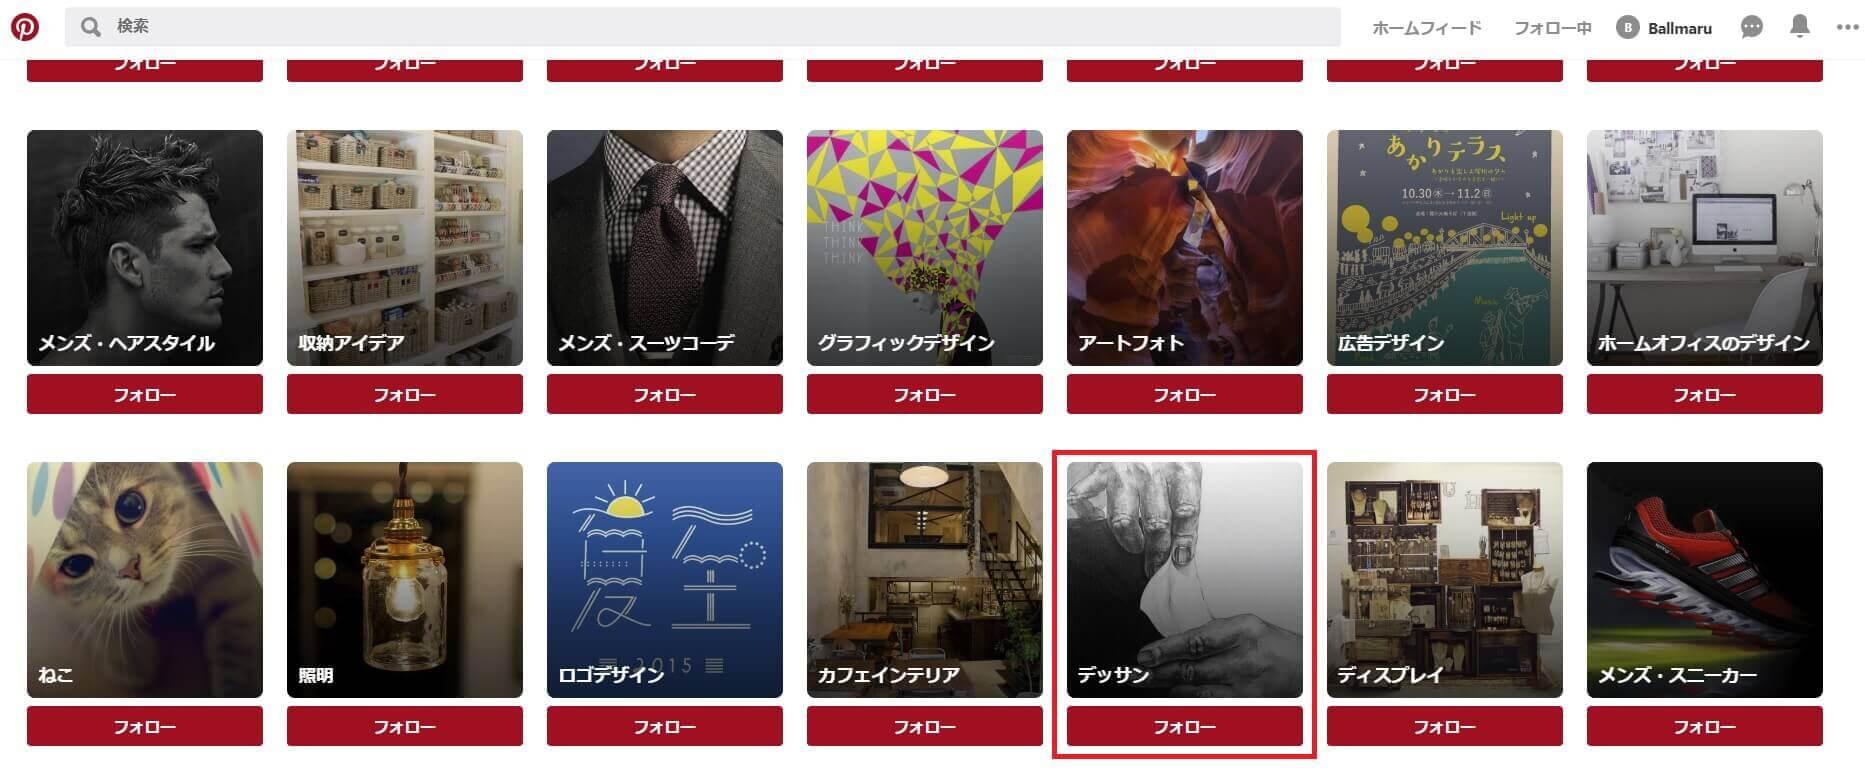 トピック選択画面の『デッサン』をクリック